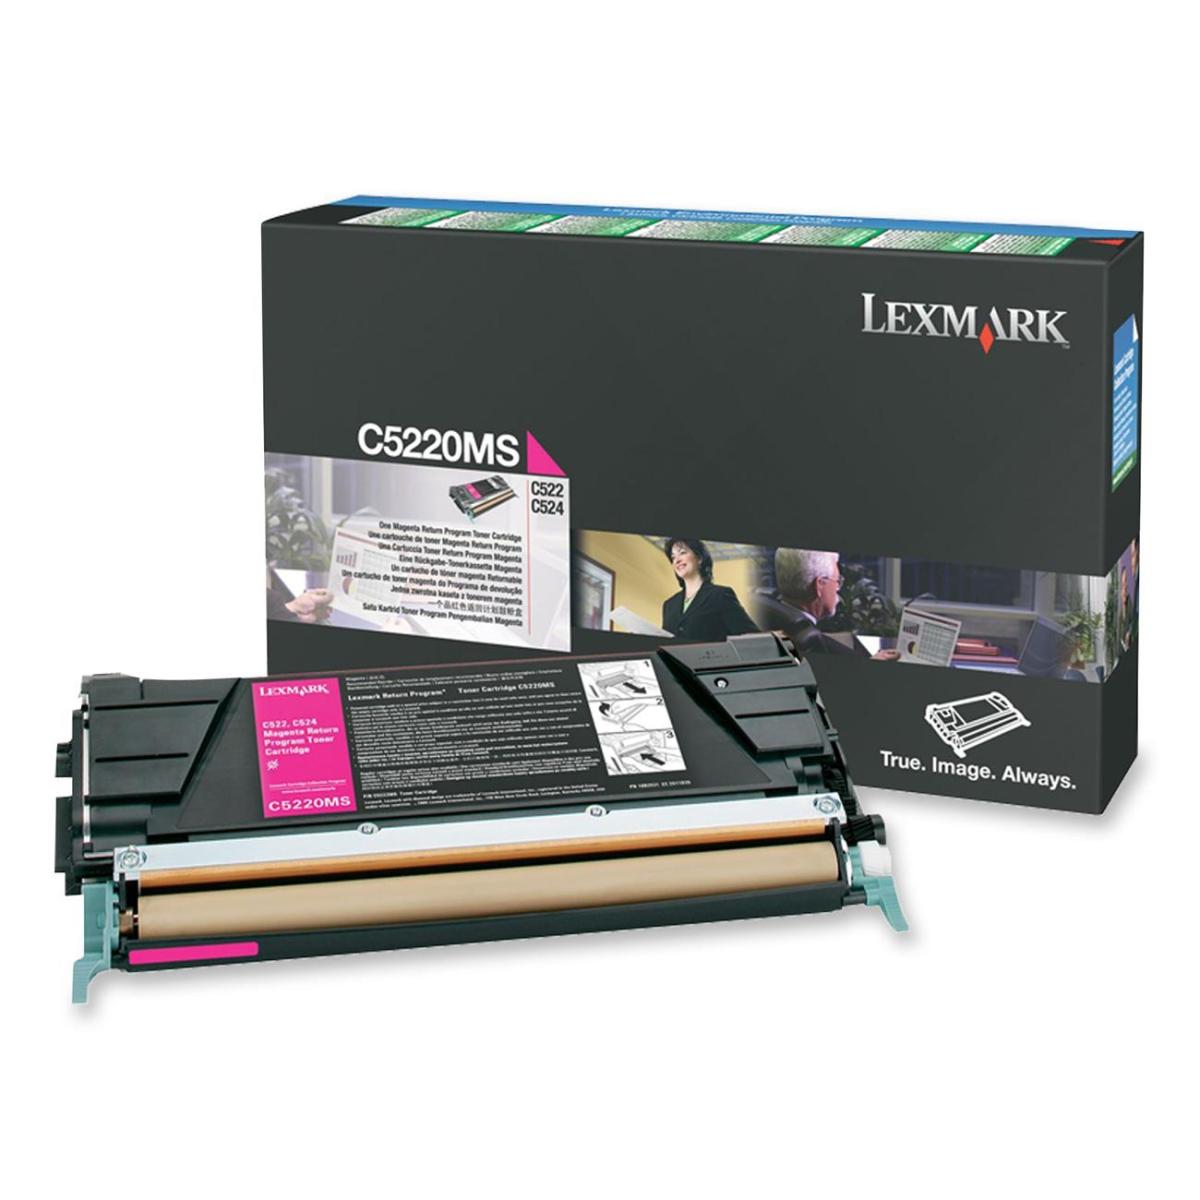 Magenta - original - toner cartridge LCCP LRP - for Lexmark C522 C524 C530 C532 C534